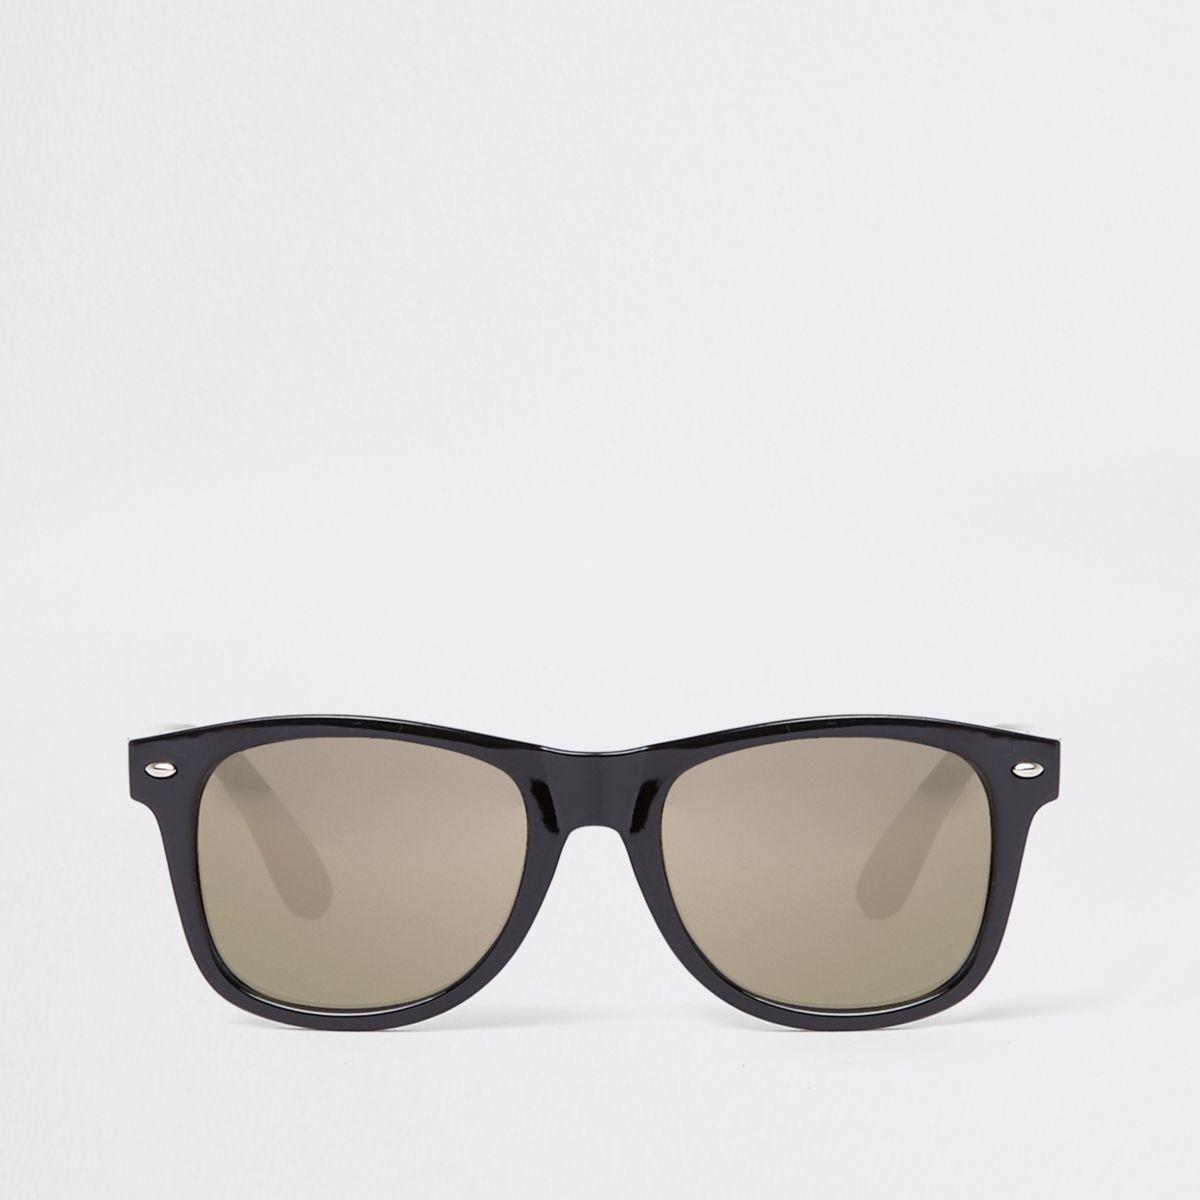 Black gold smoke lens retro sunglasses